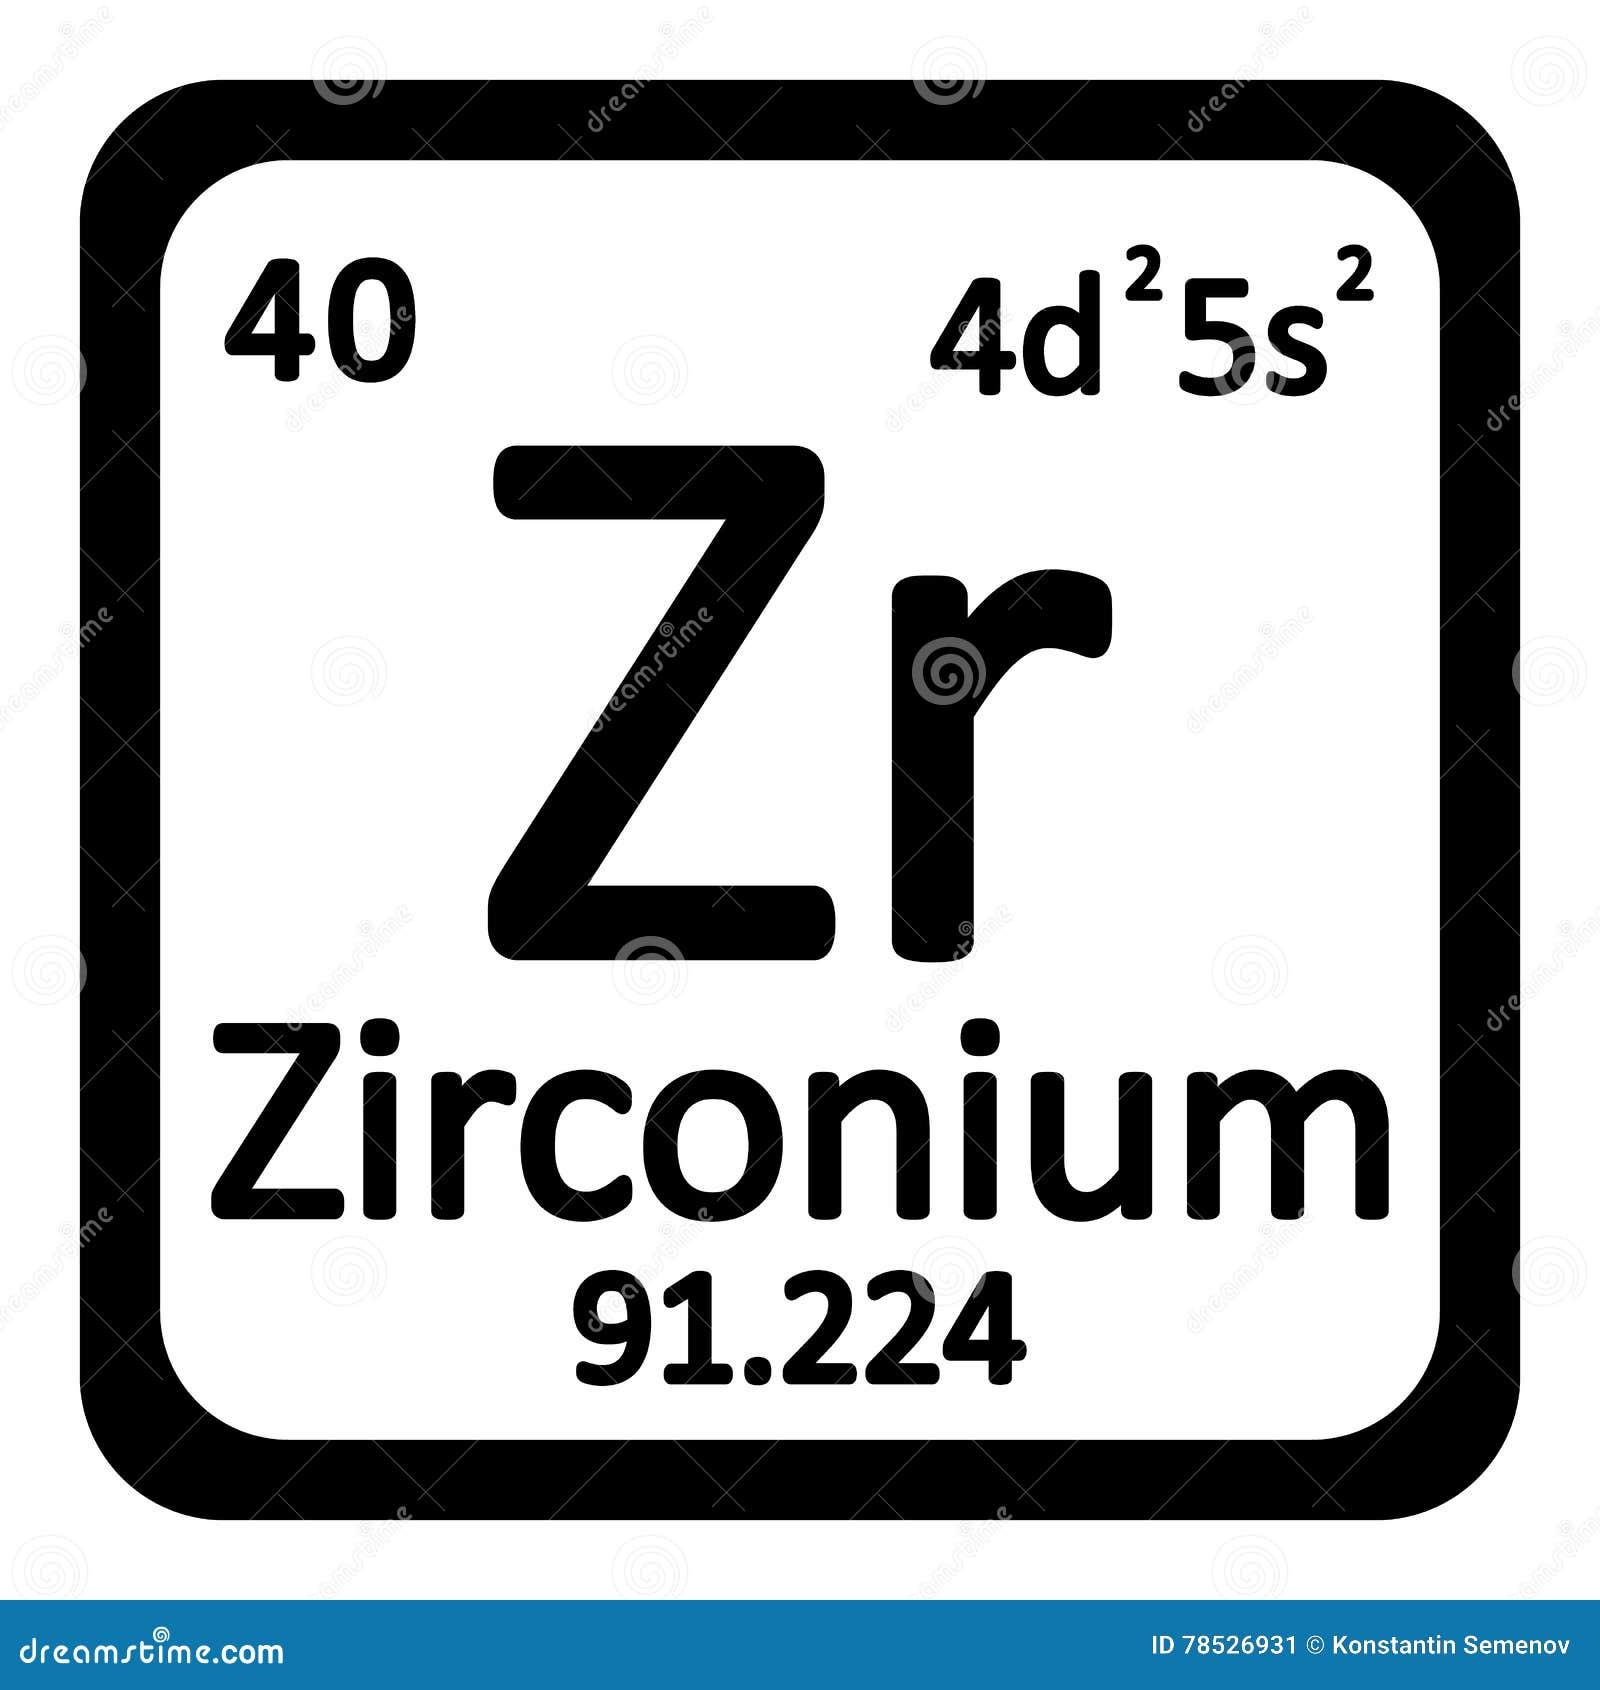 Periodic table element zirconium icon stock illustration periodic table element zirconium icon urtaz Gallery